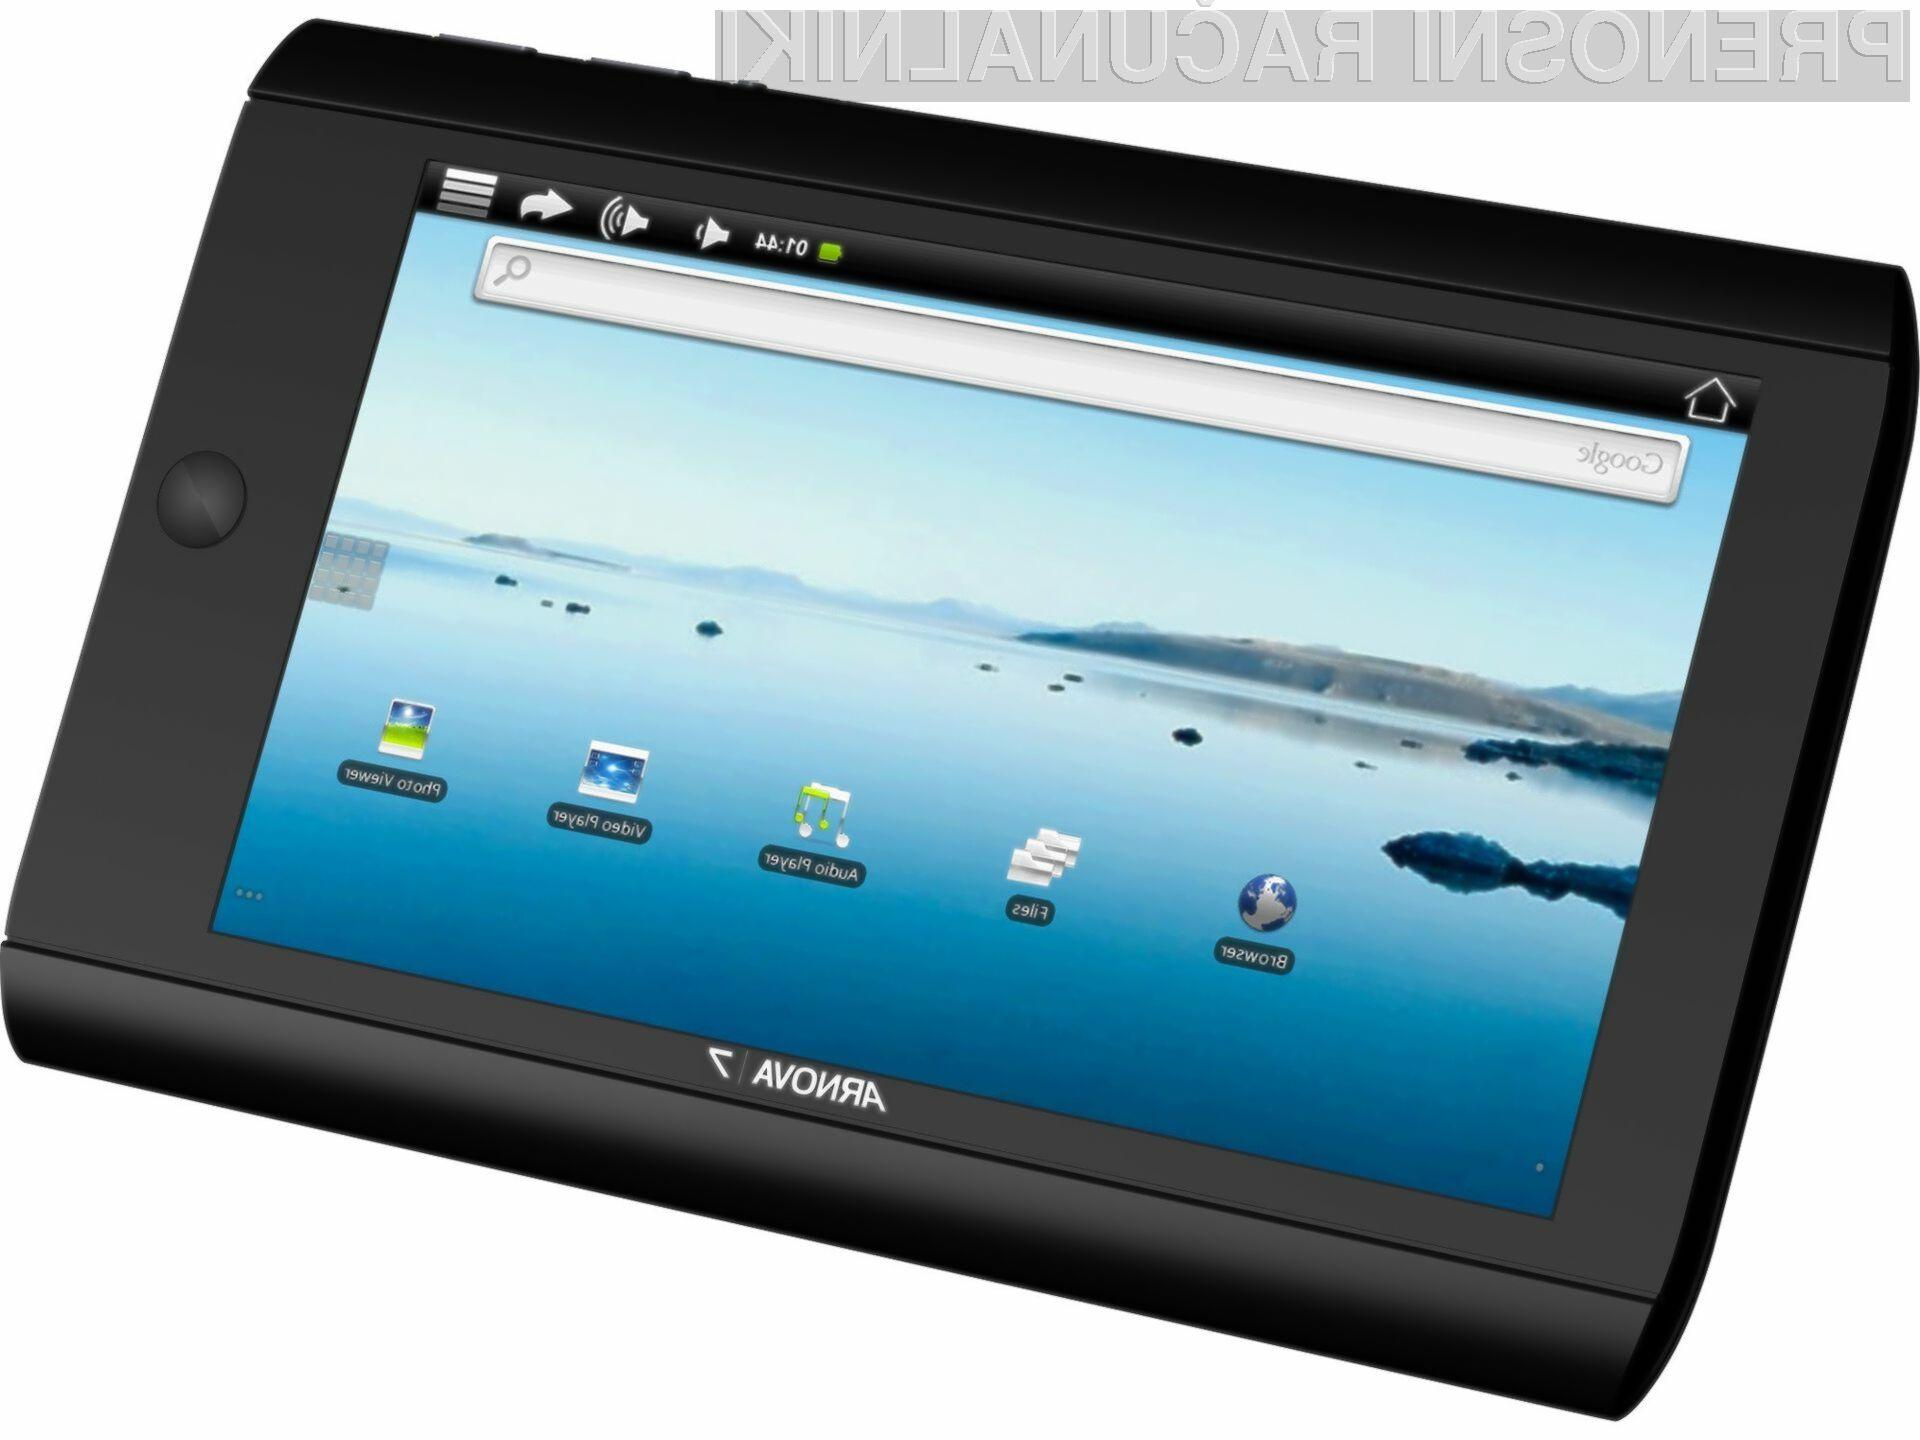 Arnova 7 verjetno ni tako hitra kot nekateri novi tablični računalniki, bo pa kljub temu prišla zelo prav bodočim kupcem.